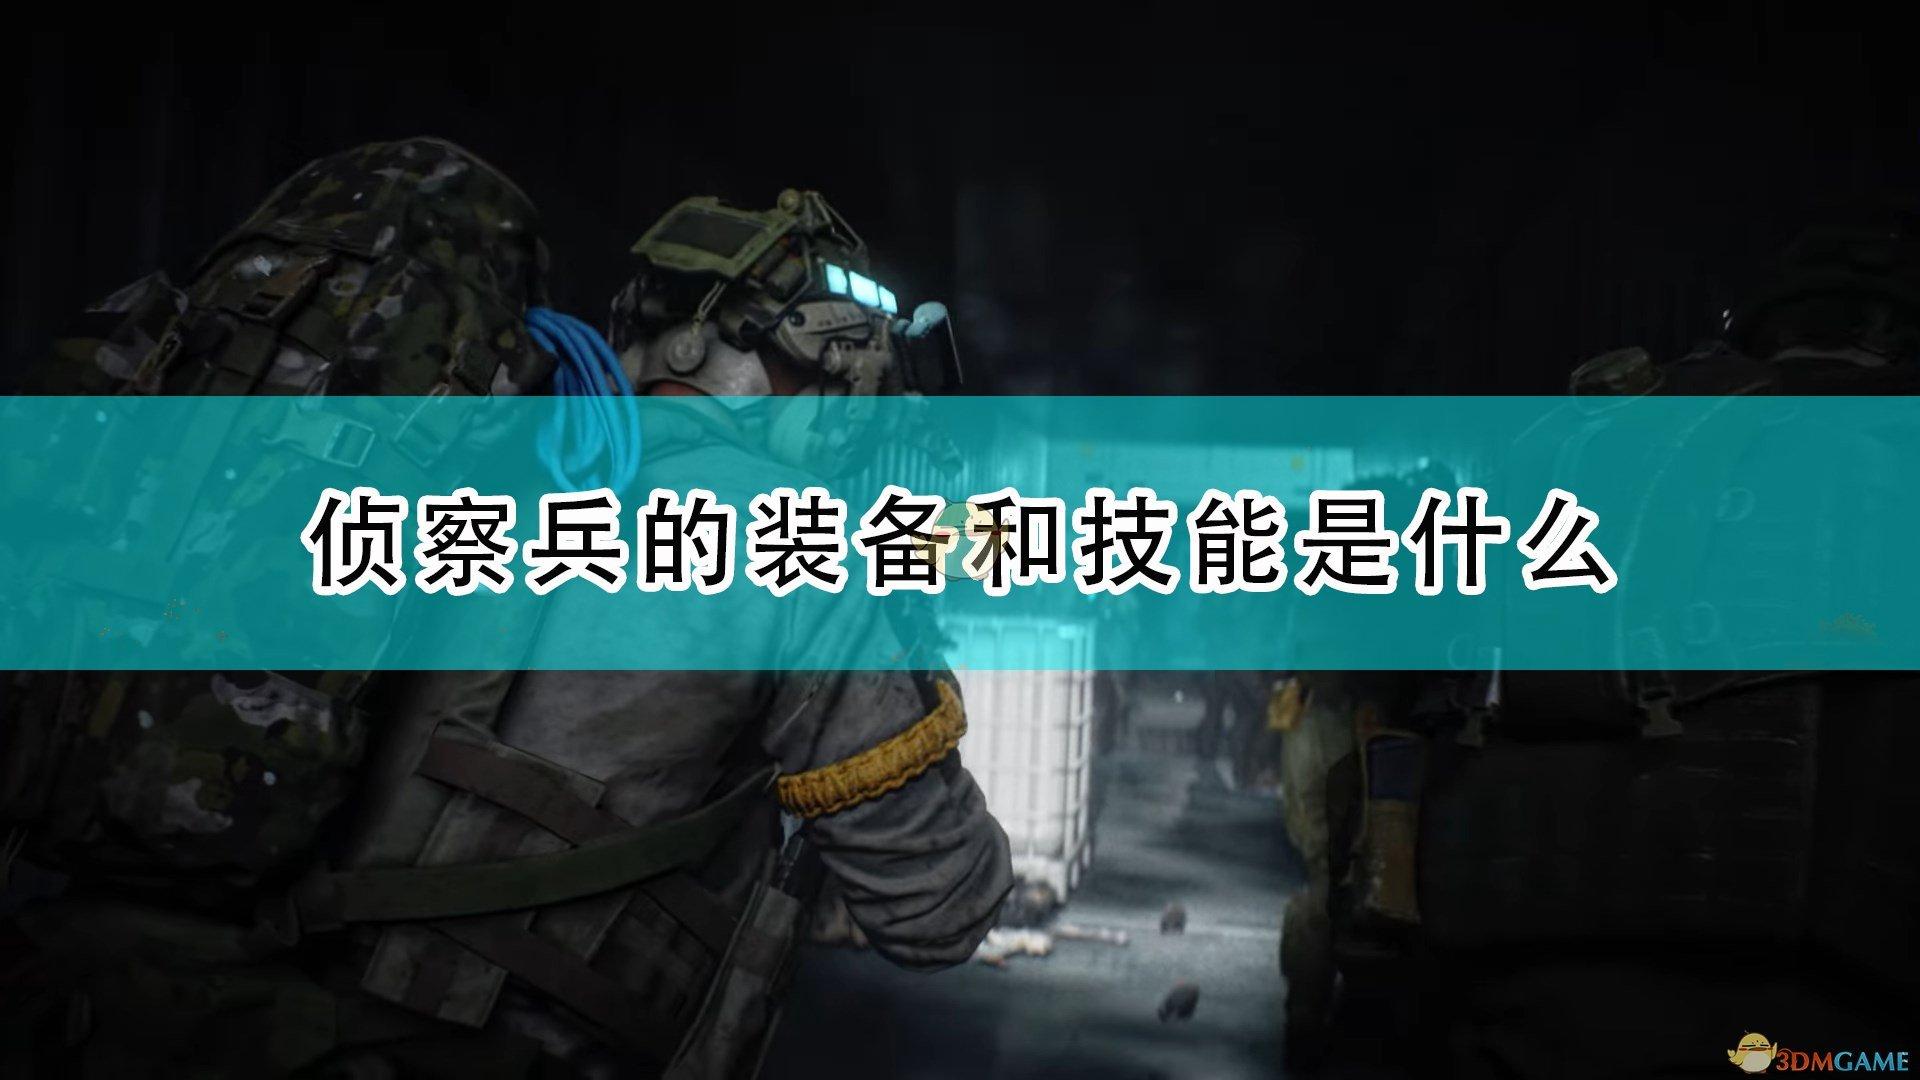 《戰地2042》突擊兵裝備技能效果介紹